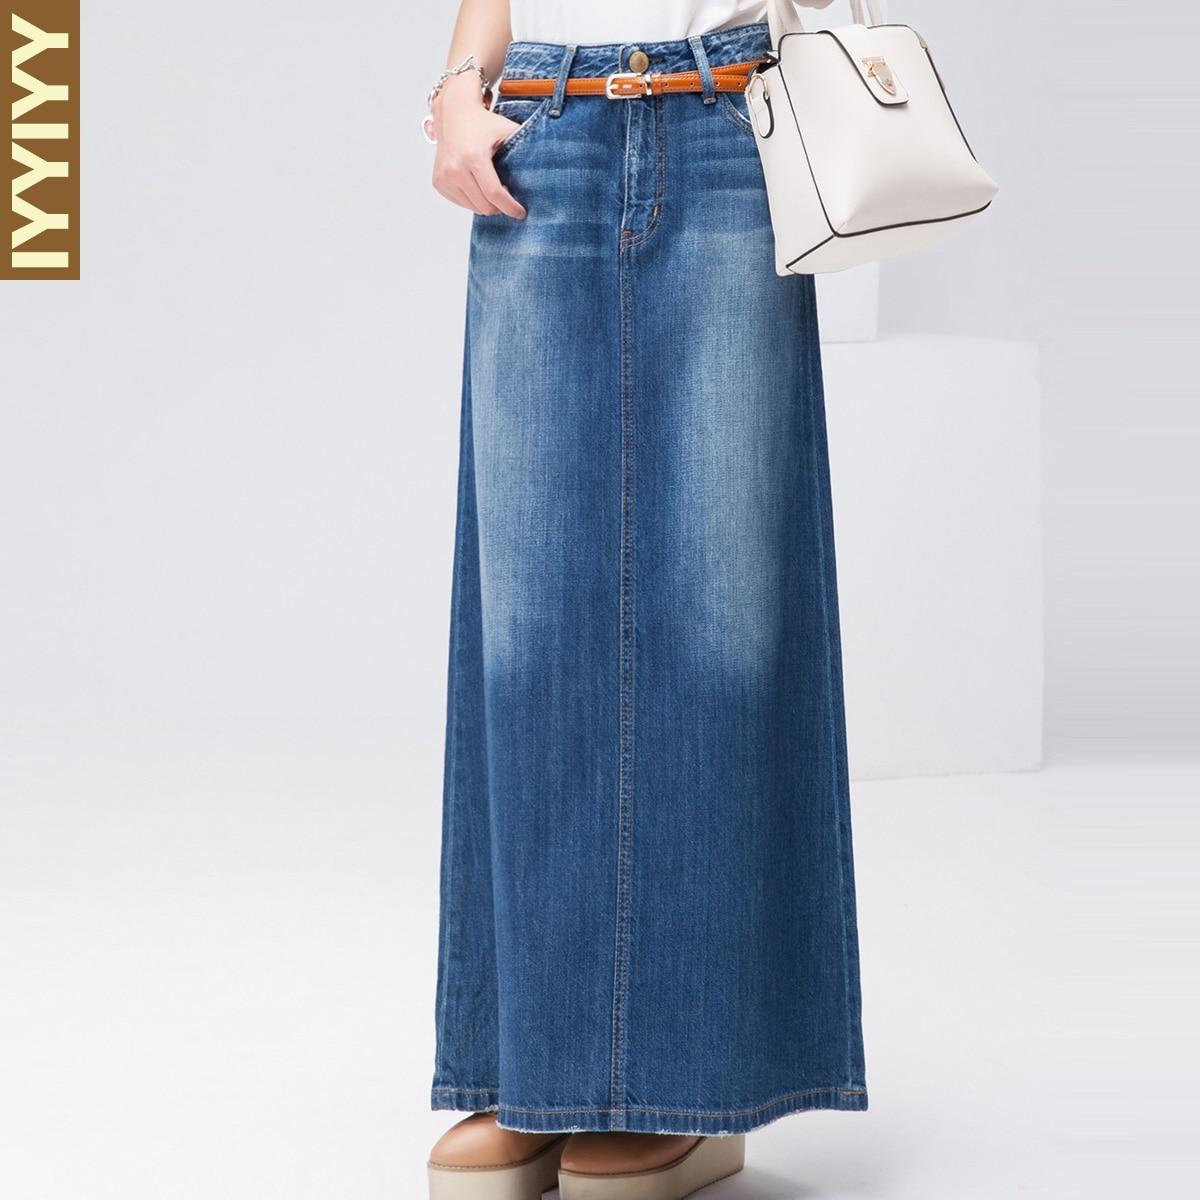 Longue Taille Printemps Jeans Automne Denim 2018 xl Maxi S Jupes Bleu Grande Jupe Mode Trapèze Décontracté Gratuite Et Livraison Nouvelle qZBwIqz